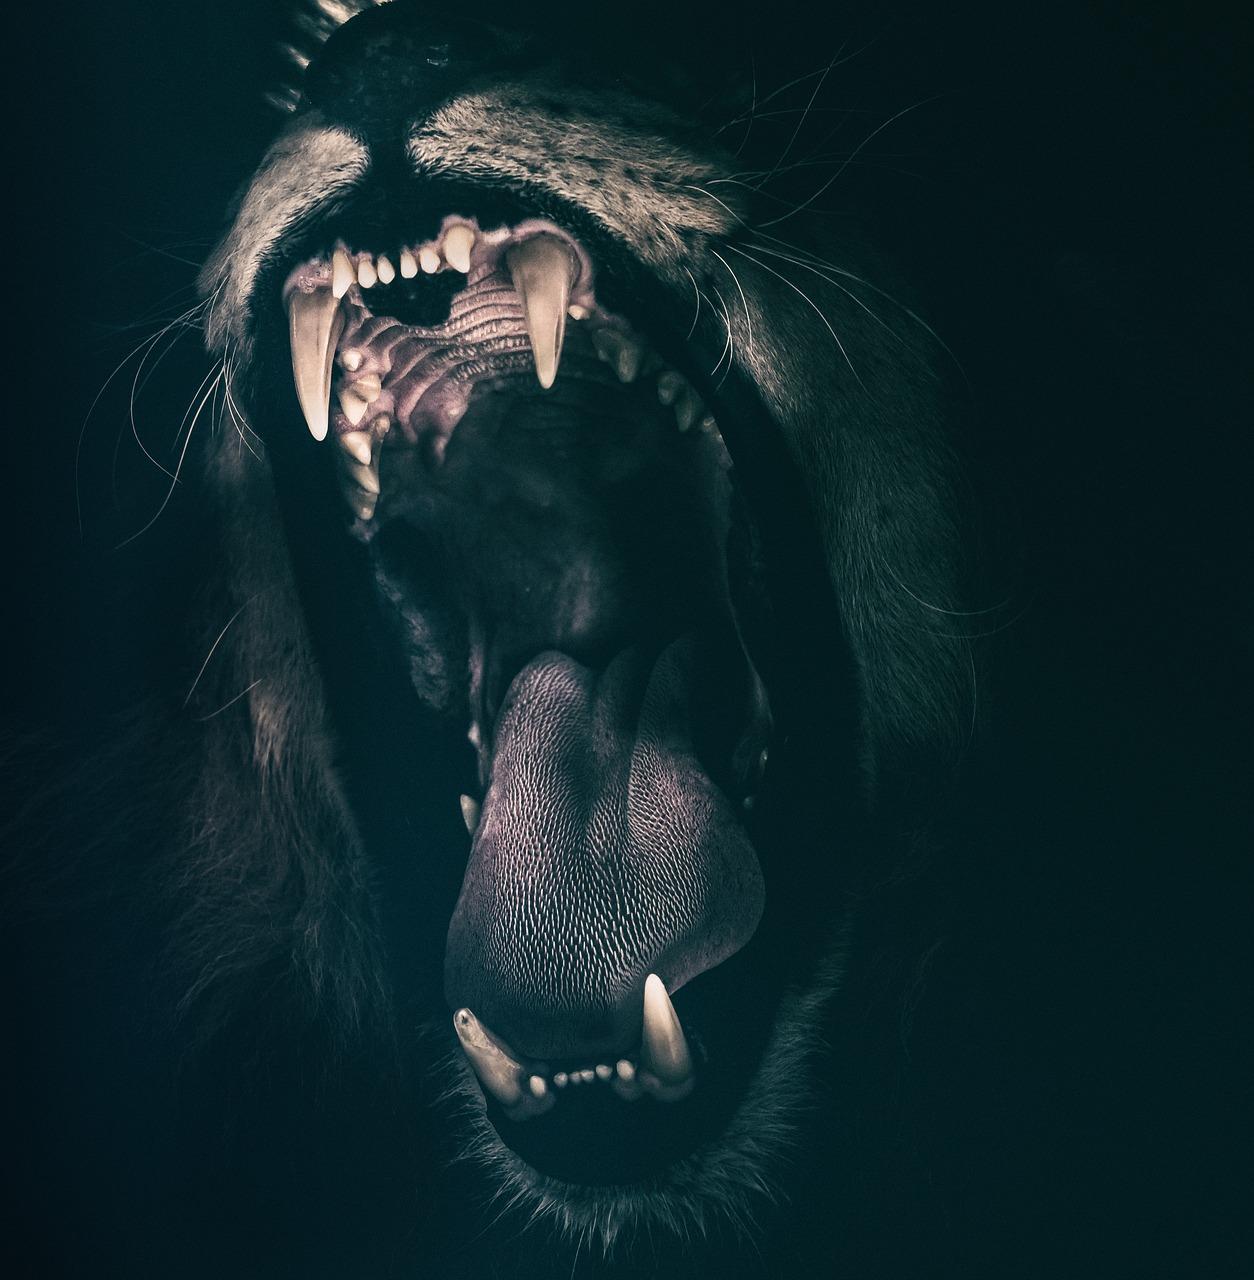 lion-2885618_1280